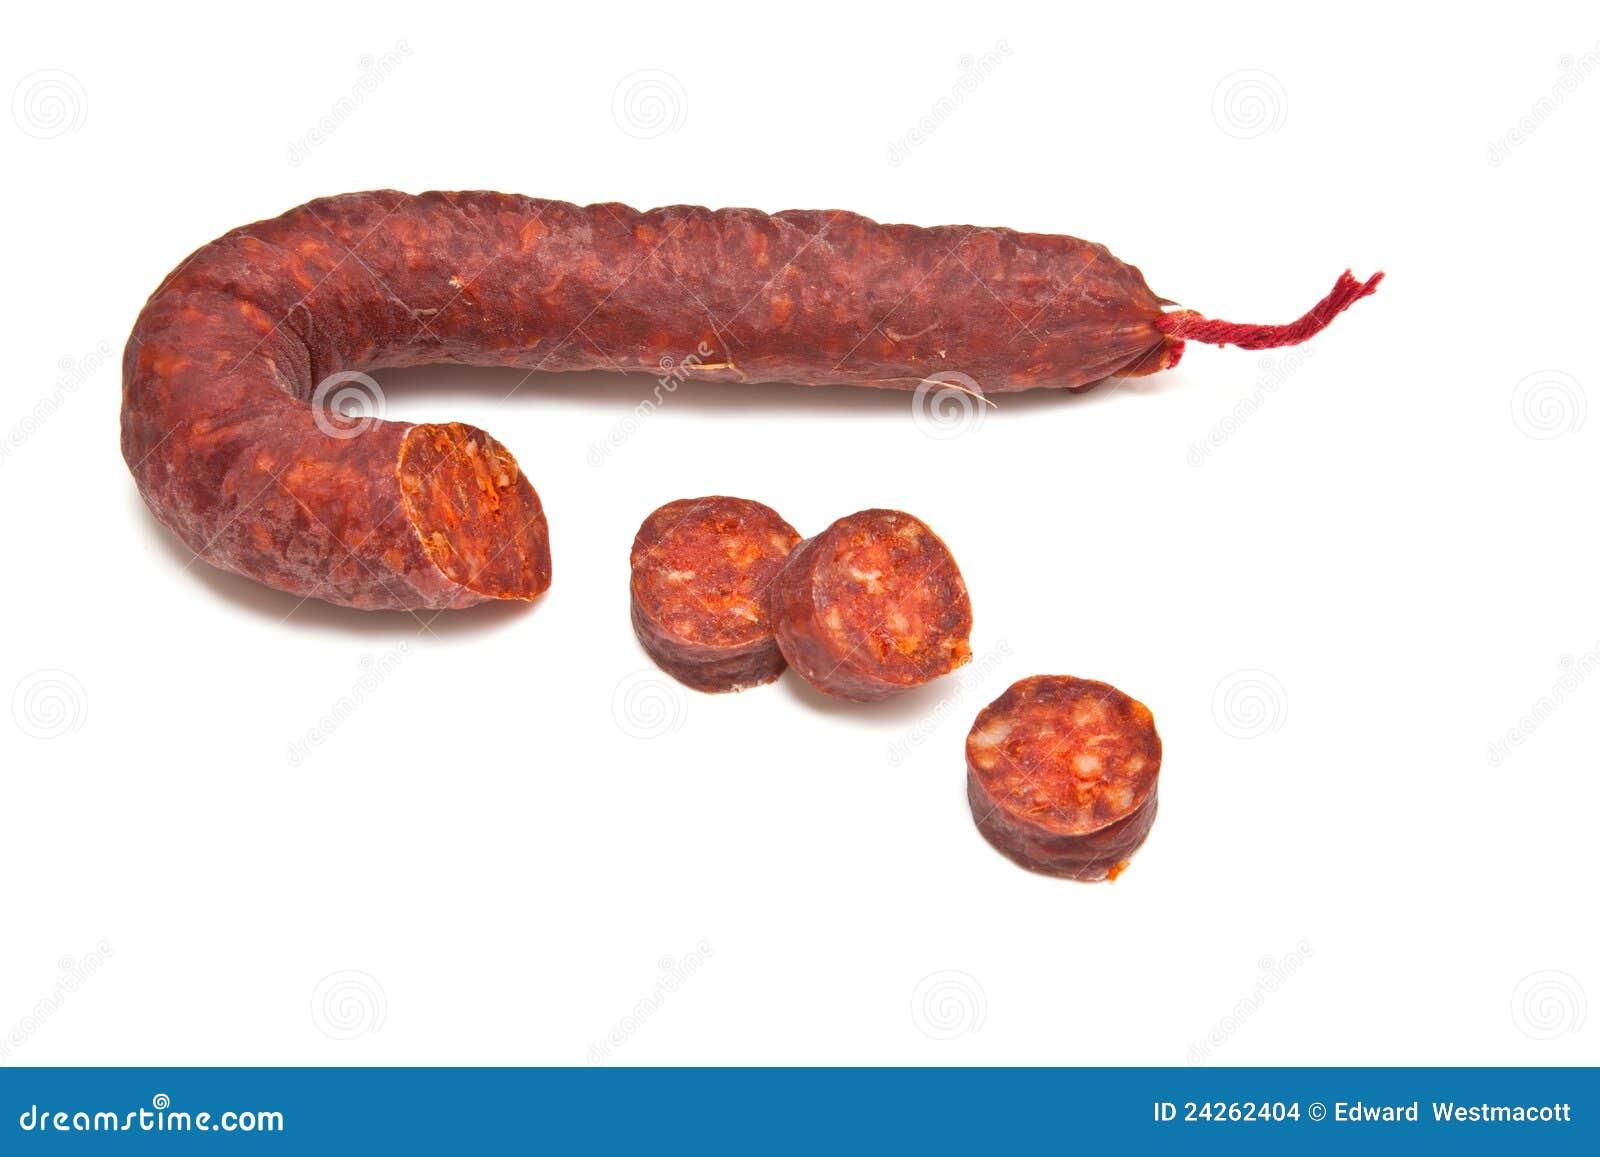 how to cook salami sausage